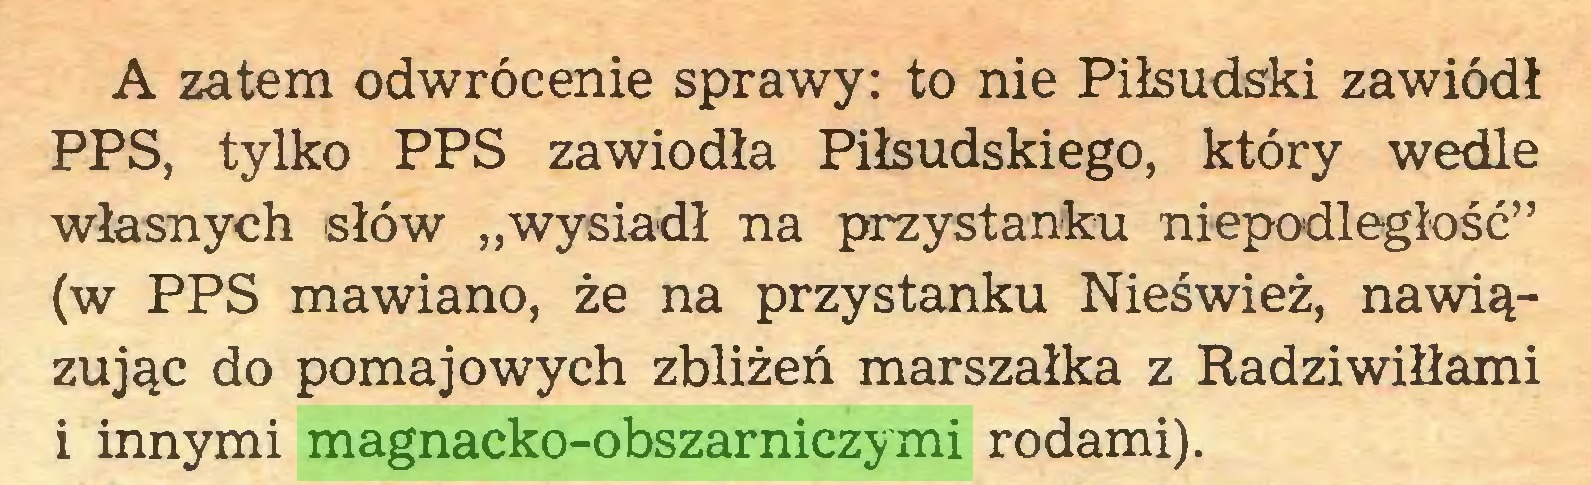 """(...) A zatem odwrócenie sprawy: to nie Piłsudski zawiódł PPS, tylko PPS zawiodła Piłsudskiego, który wedle własnych słów """"wysiadł na przystanku niepodległość"""" (w PPS mawiano, że na przystanku Nieśwież, nawiązując do pomaj owych zbliżeń marszałka z Radziwiłłami i innymi magnacko-obszarniczymi rodami)..."""